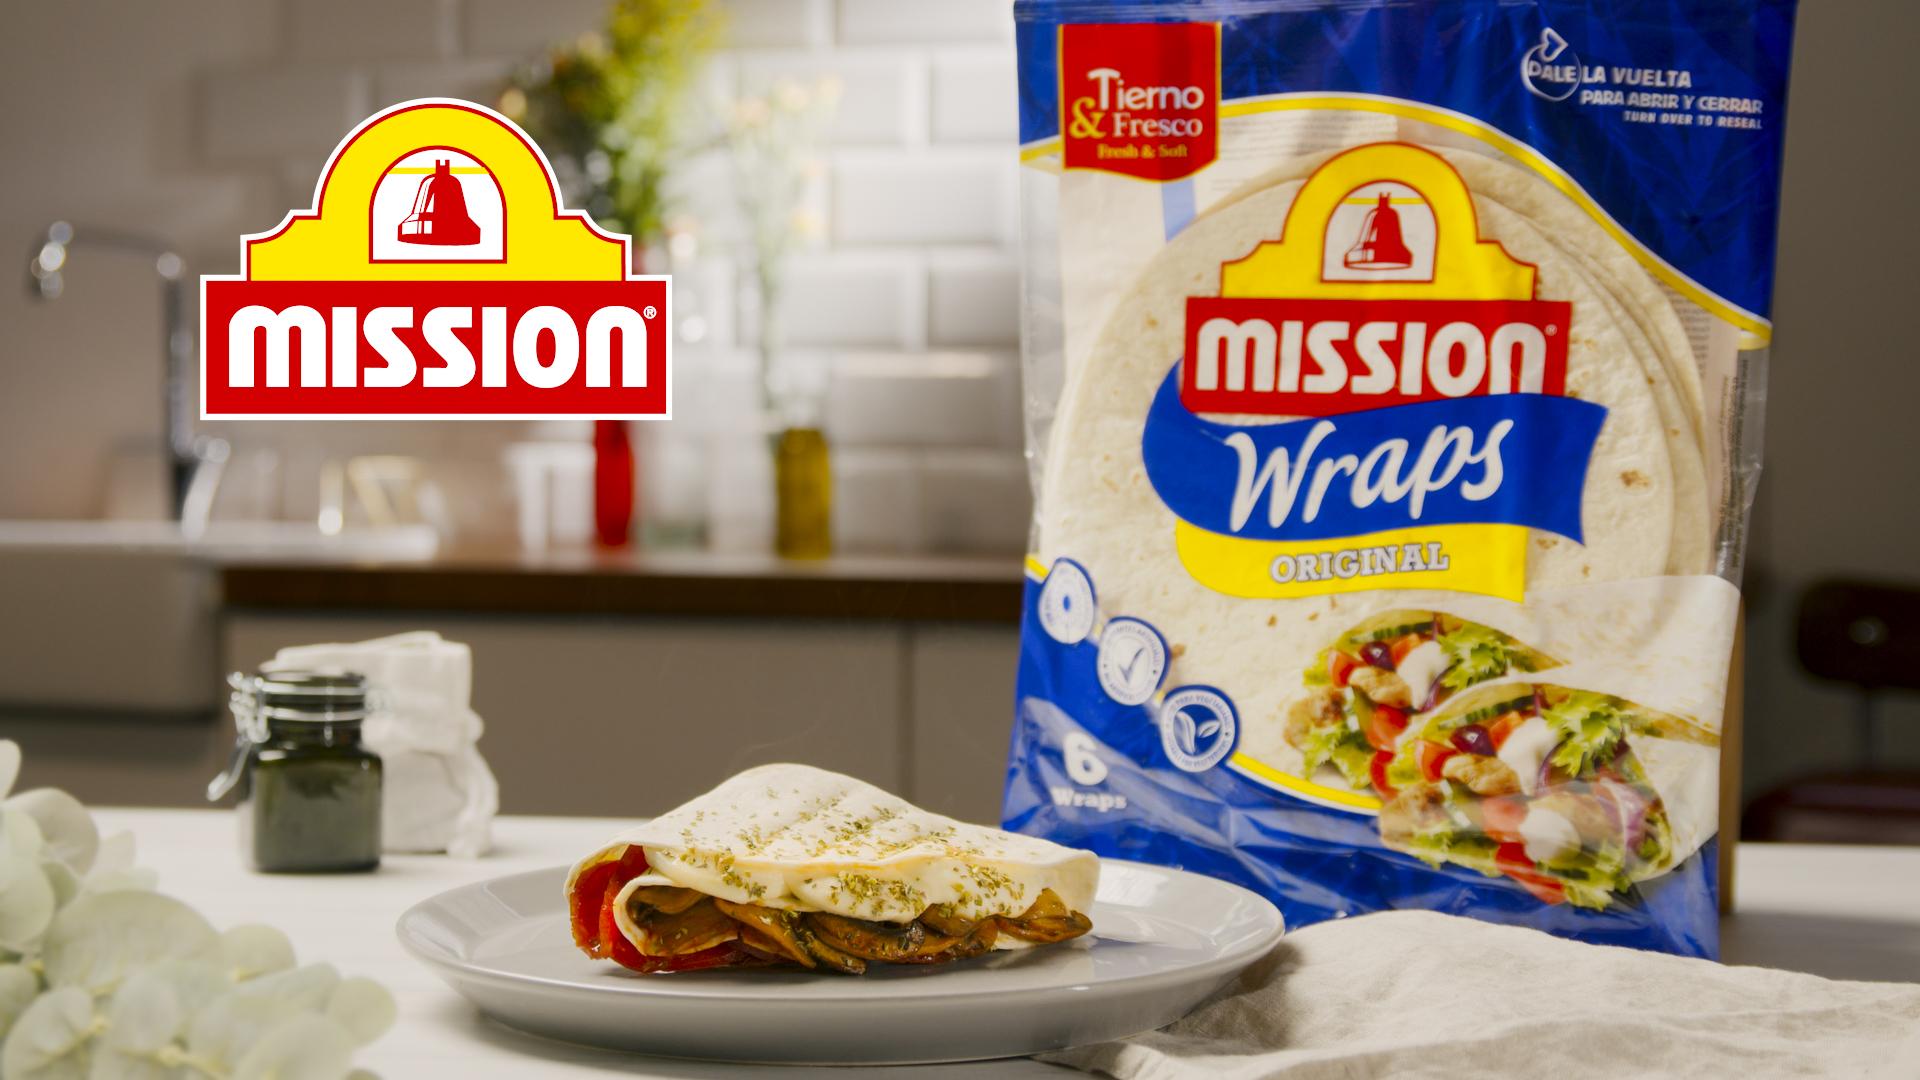 Mission_bodegon_coleccion_producto-14